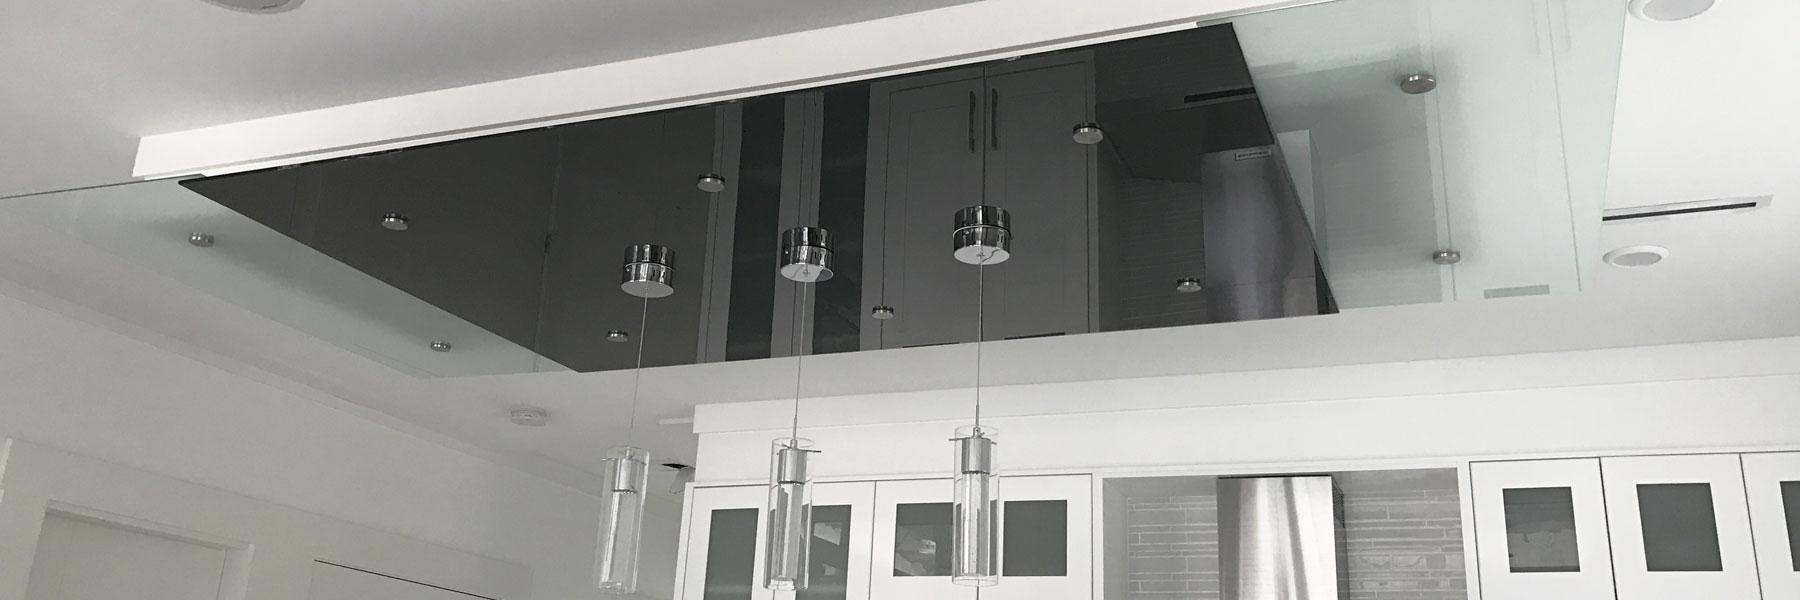 Overheadglass